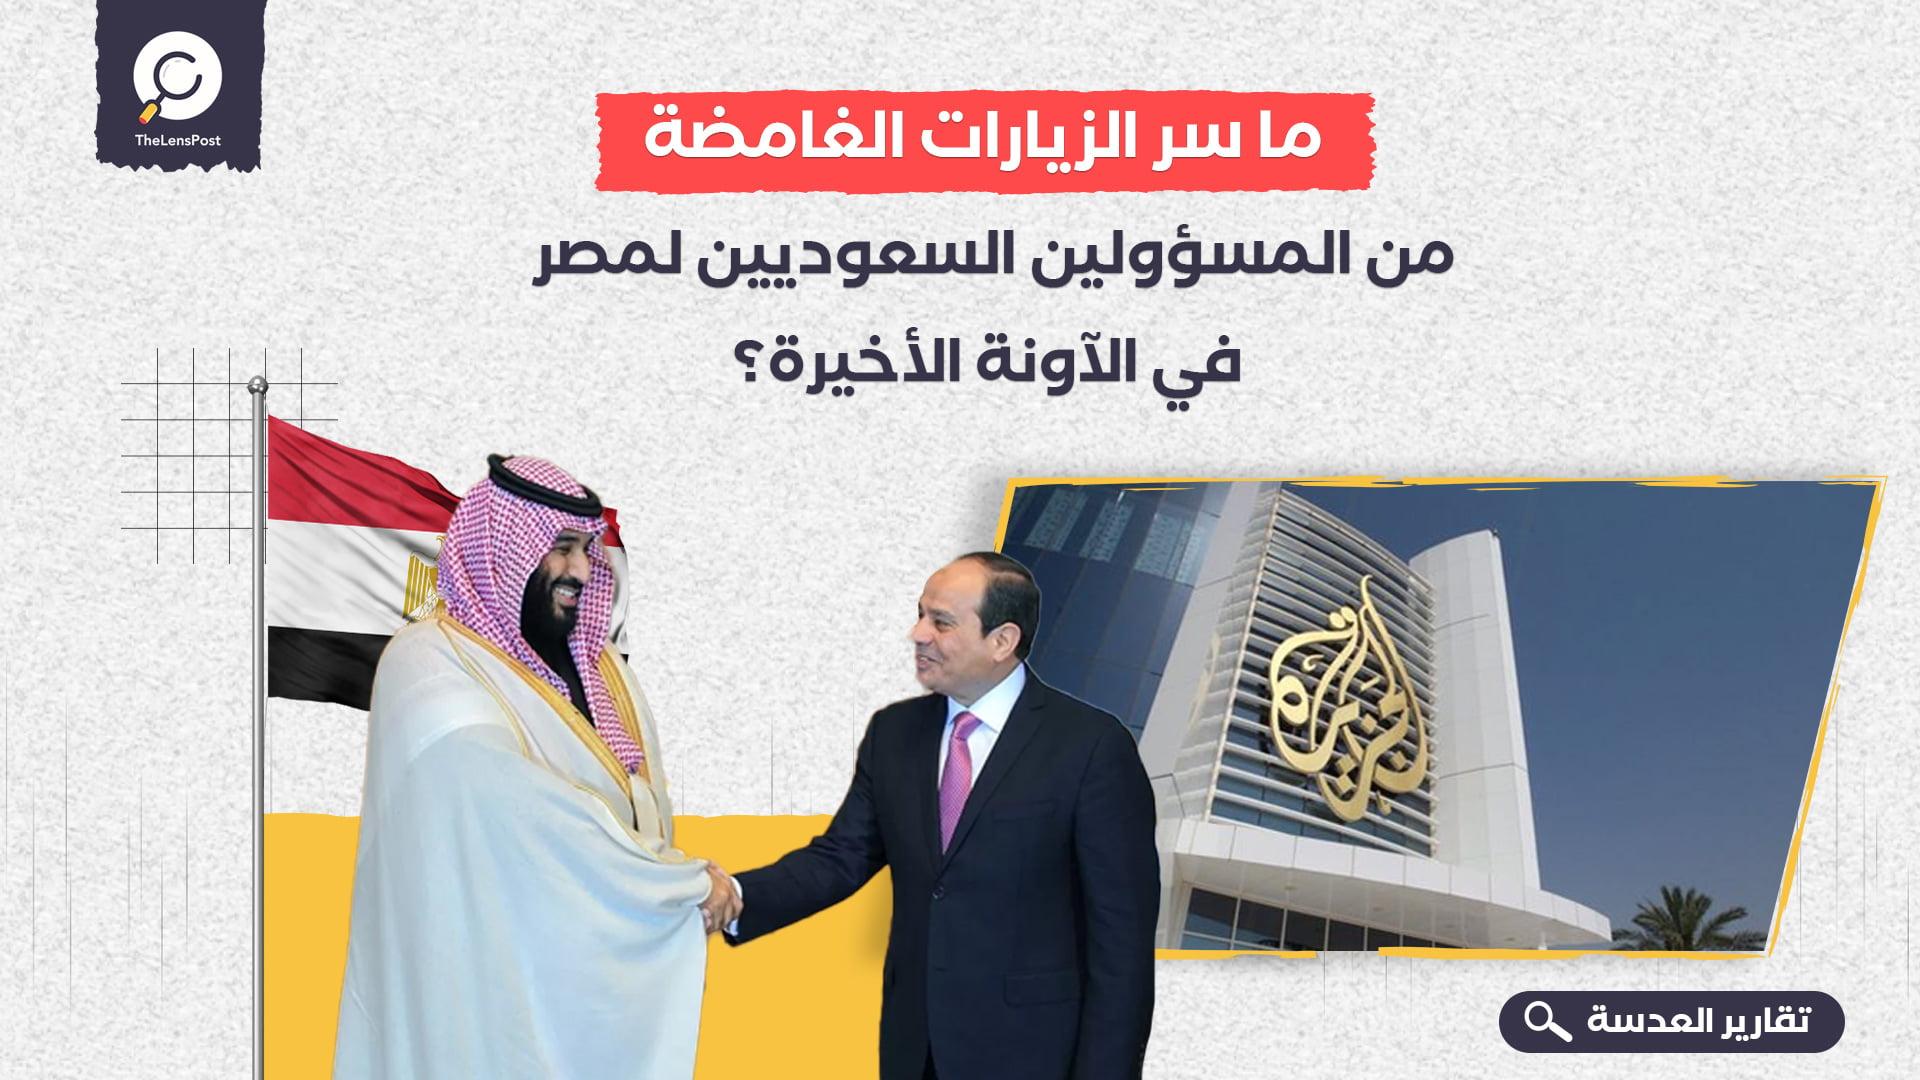 ما سر الزيارات الغامضة من المسؤولين السعوديين لمصر في الآونة الأخيرة؟